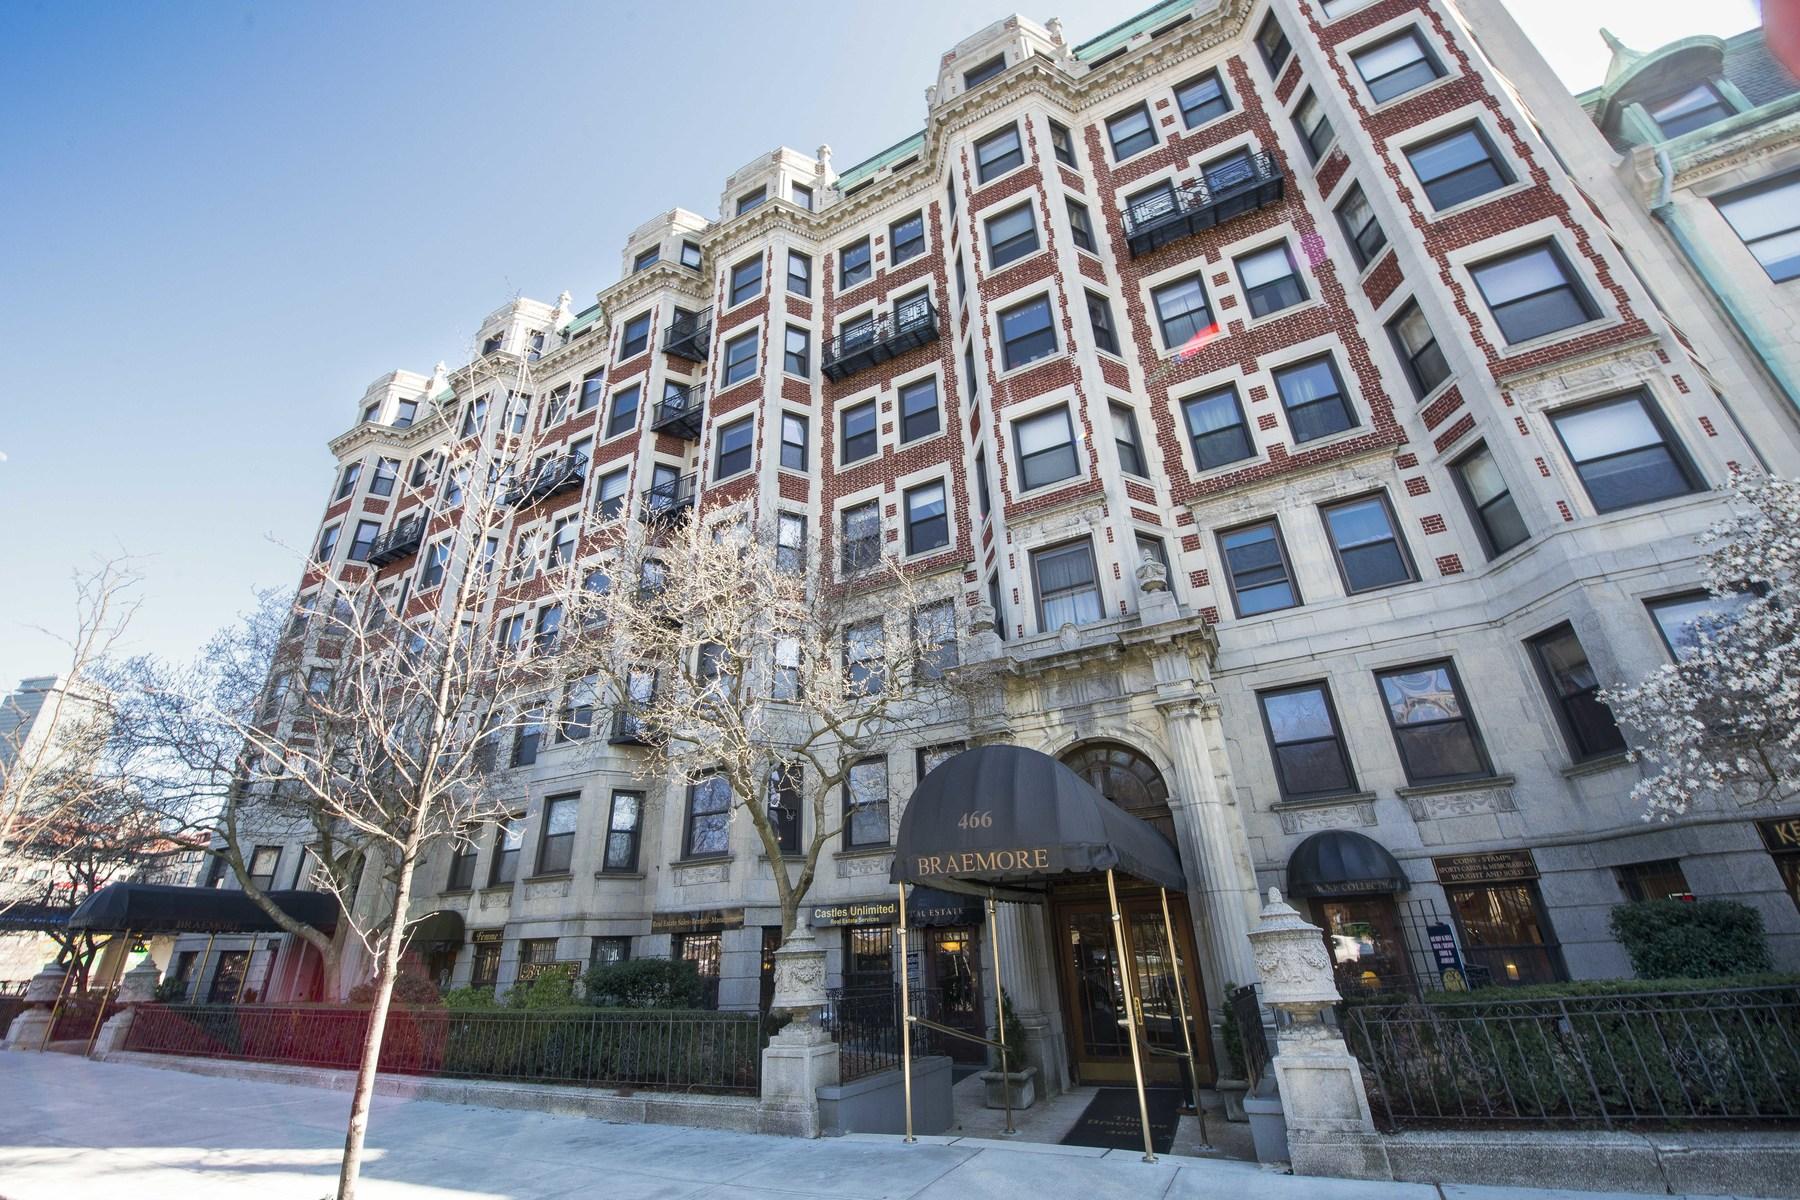 Appartement en copropriété pour l Vente à Attention Investors! 466 Commonwealth Avenue Unit 401 Back Bay, Boston, Massachusetts, 02116 États-Unis